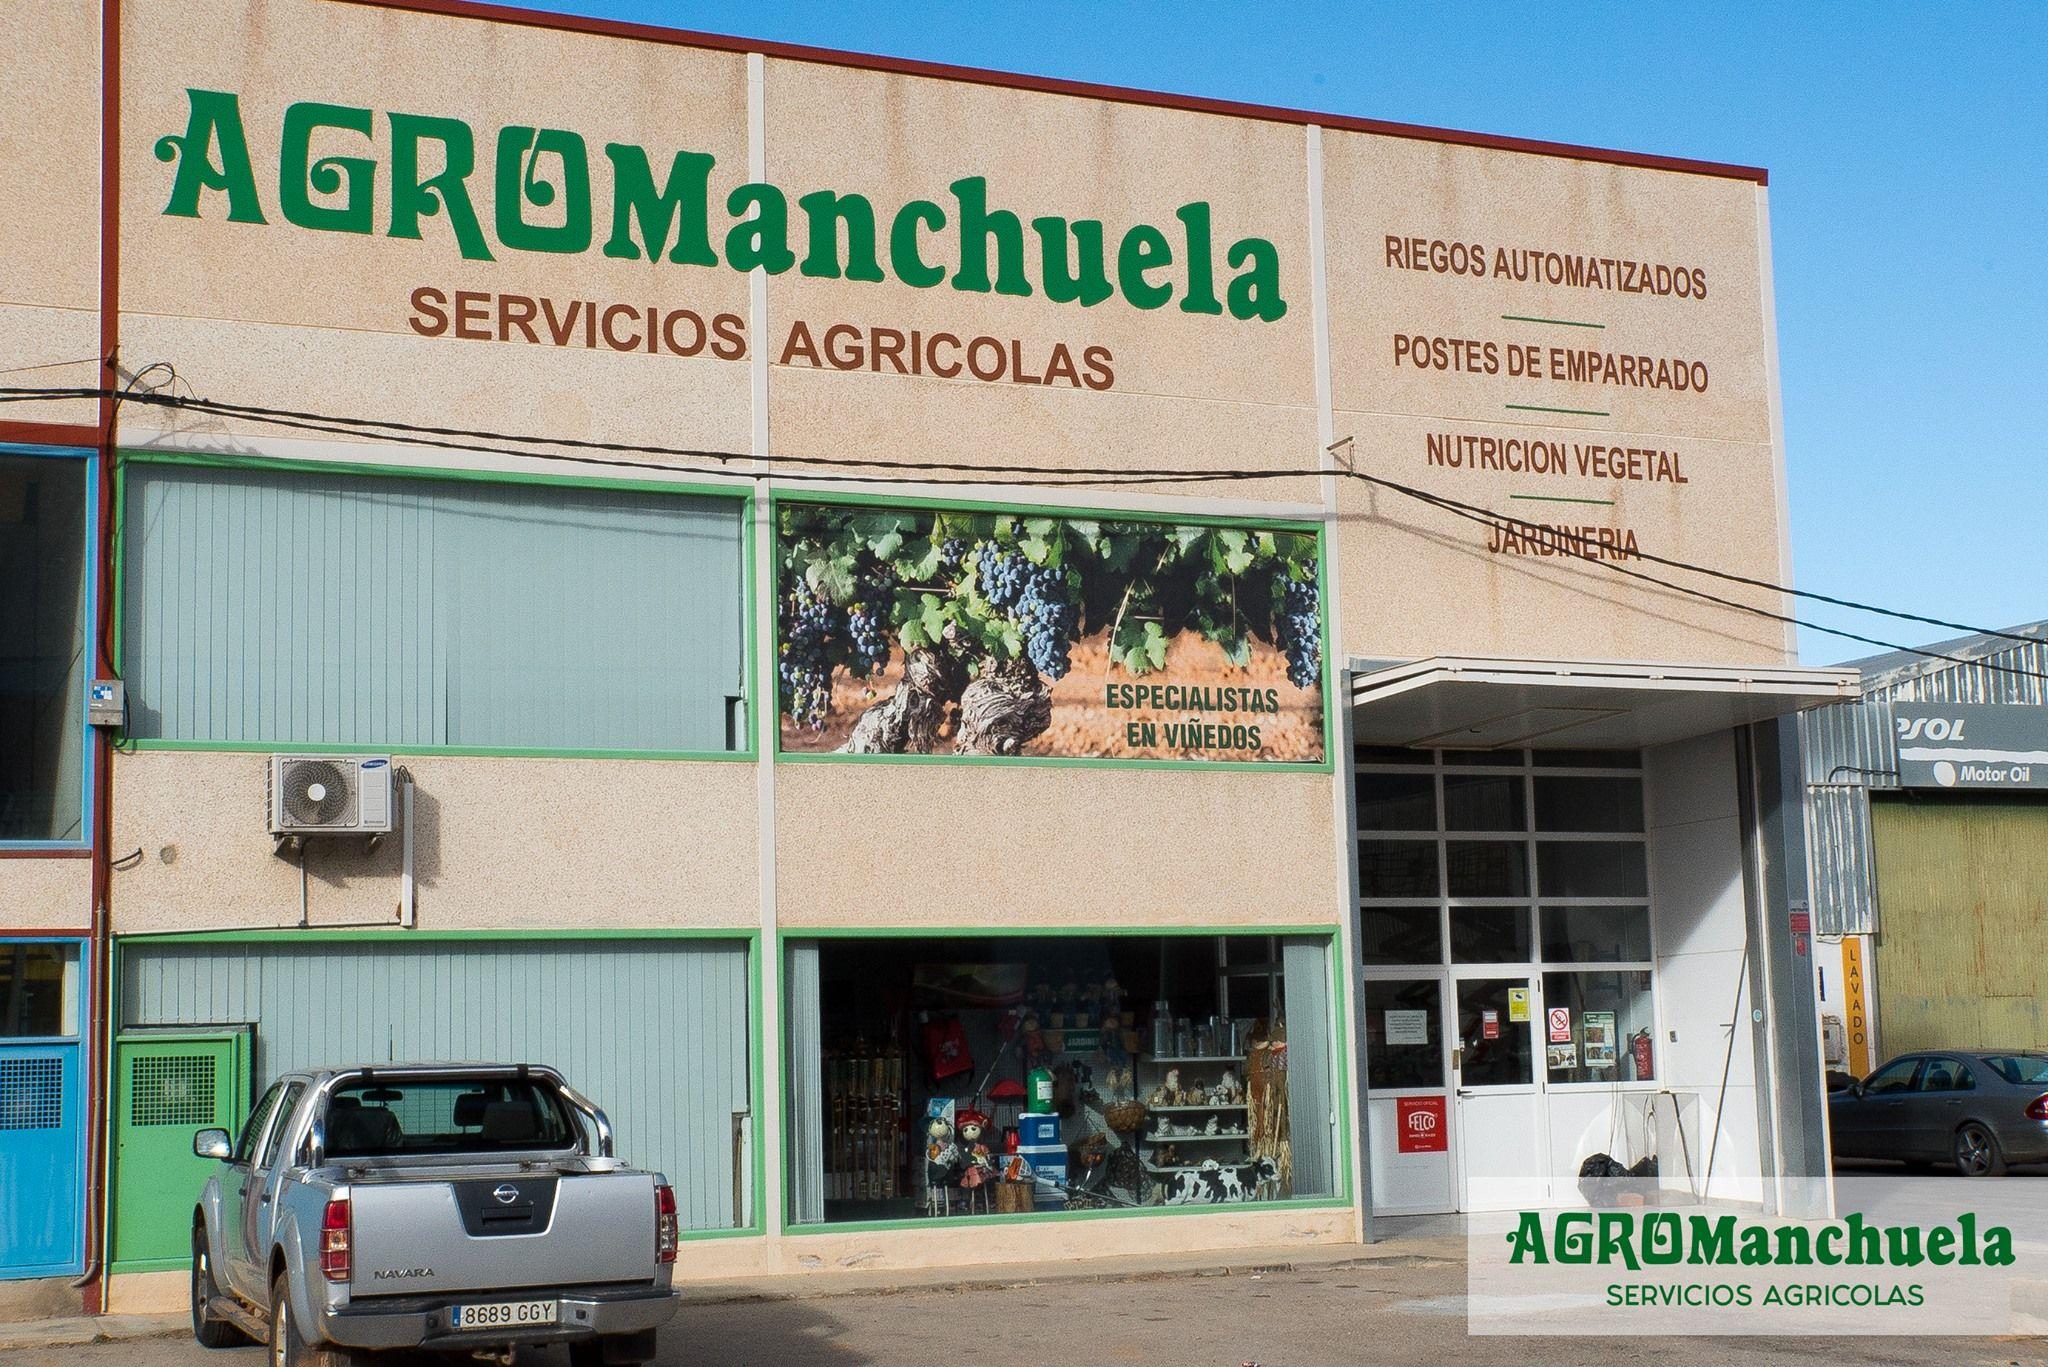 Venta de productos agrícolas en Cuenca